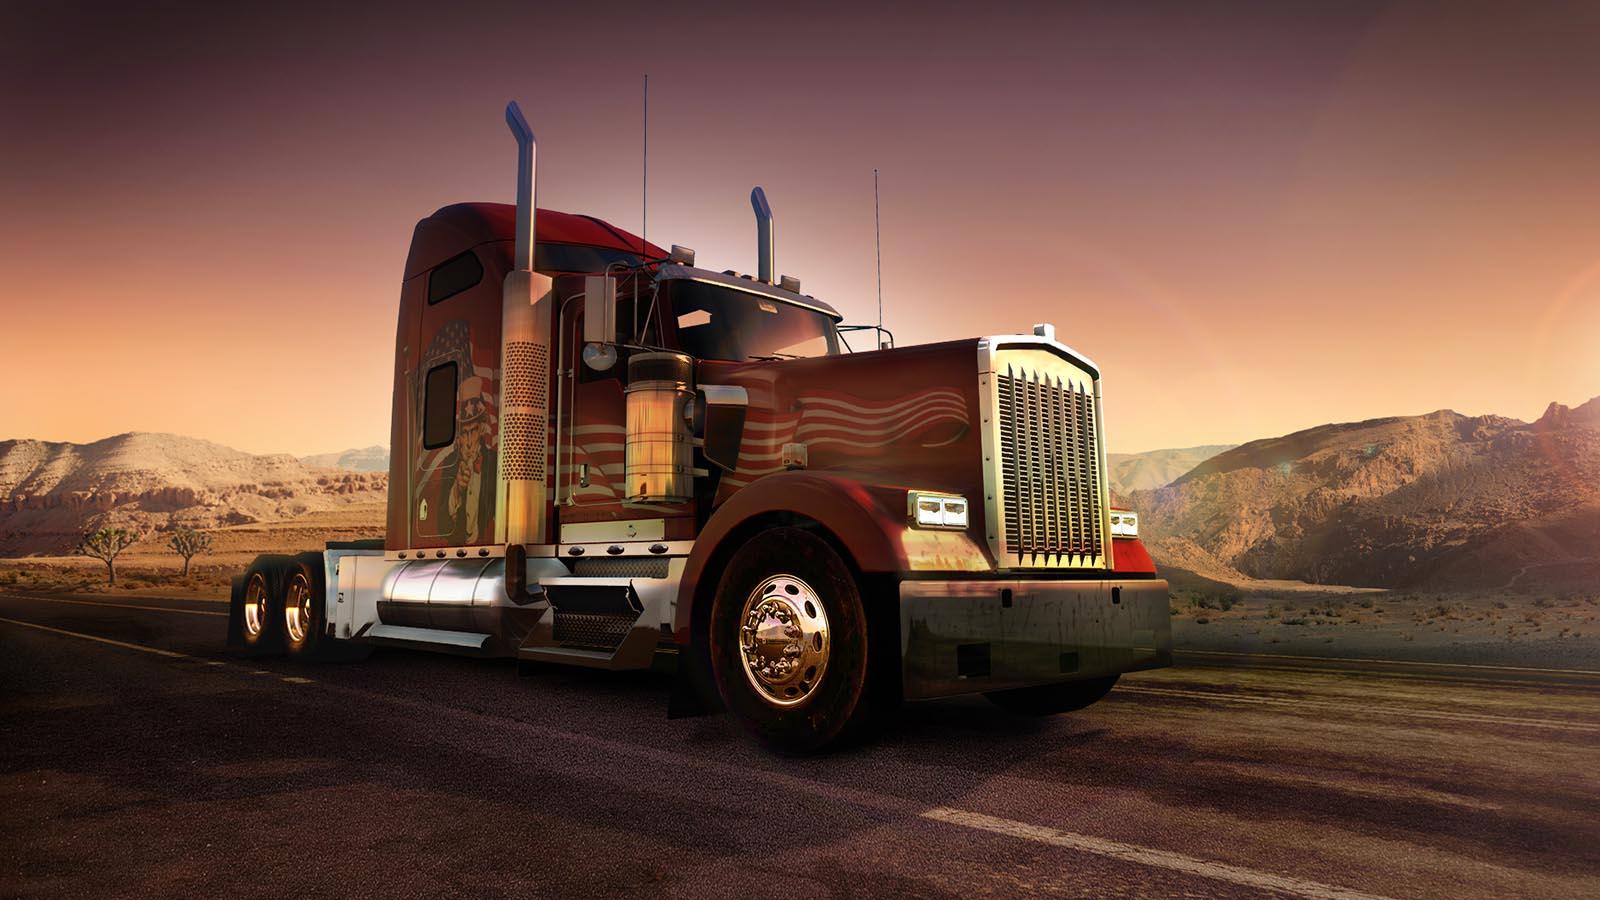 دانلود کرک Codex بازی American Truck Simulator